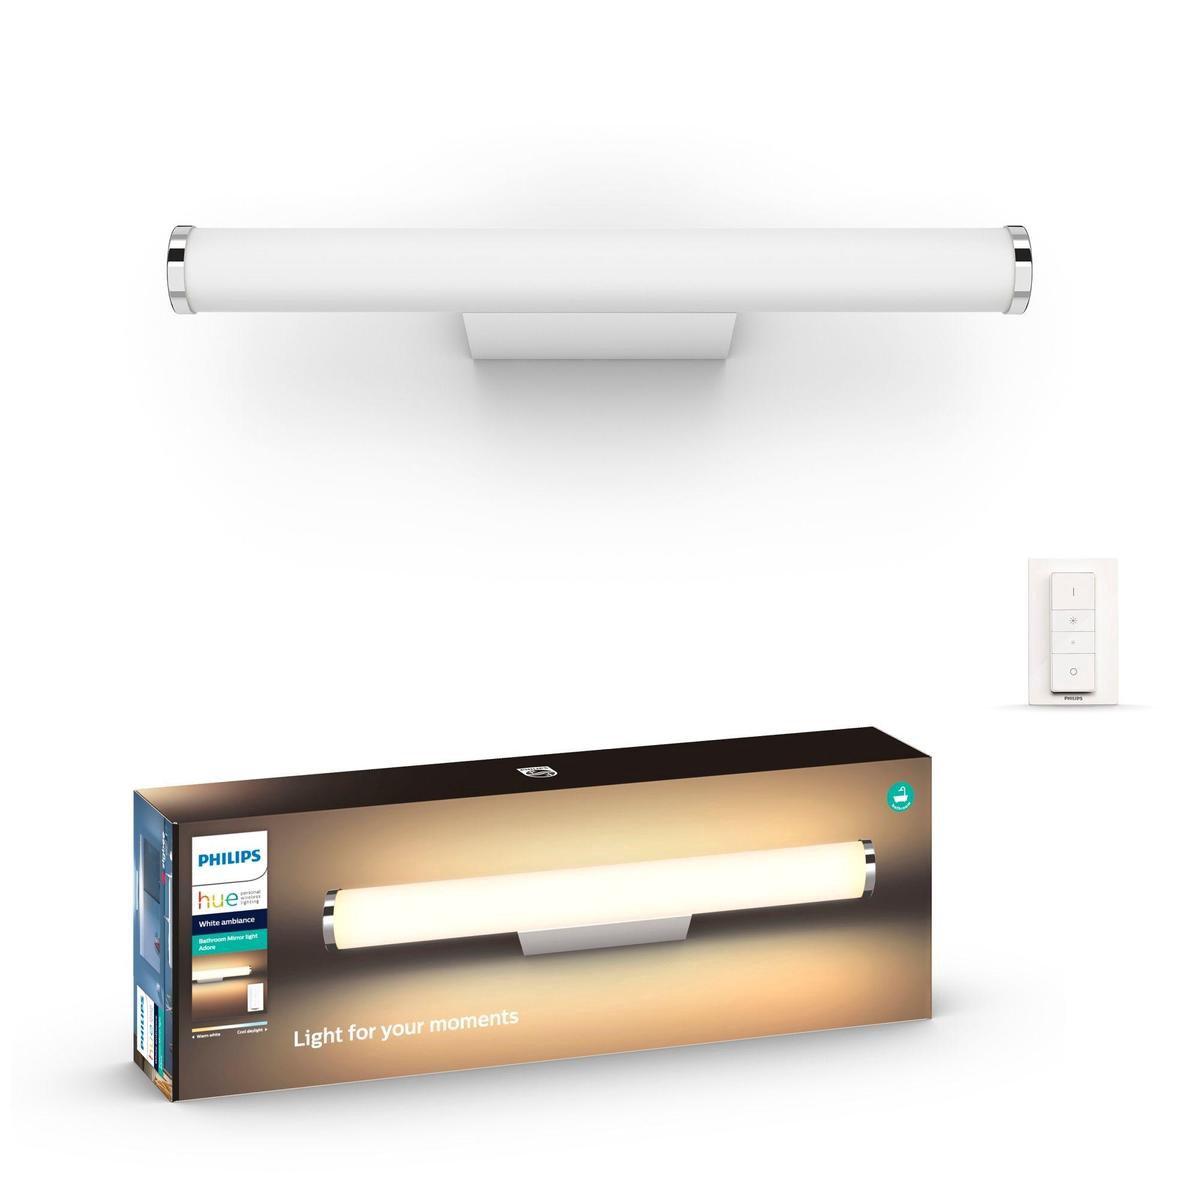 Philips Hue Adore badkamerwandlamp - White Ambiance - Wit - 42,4cm